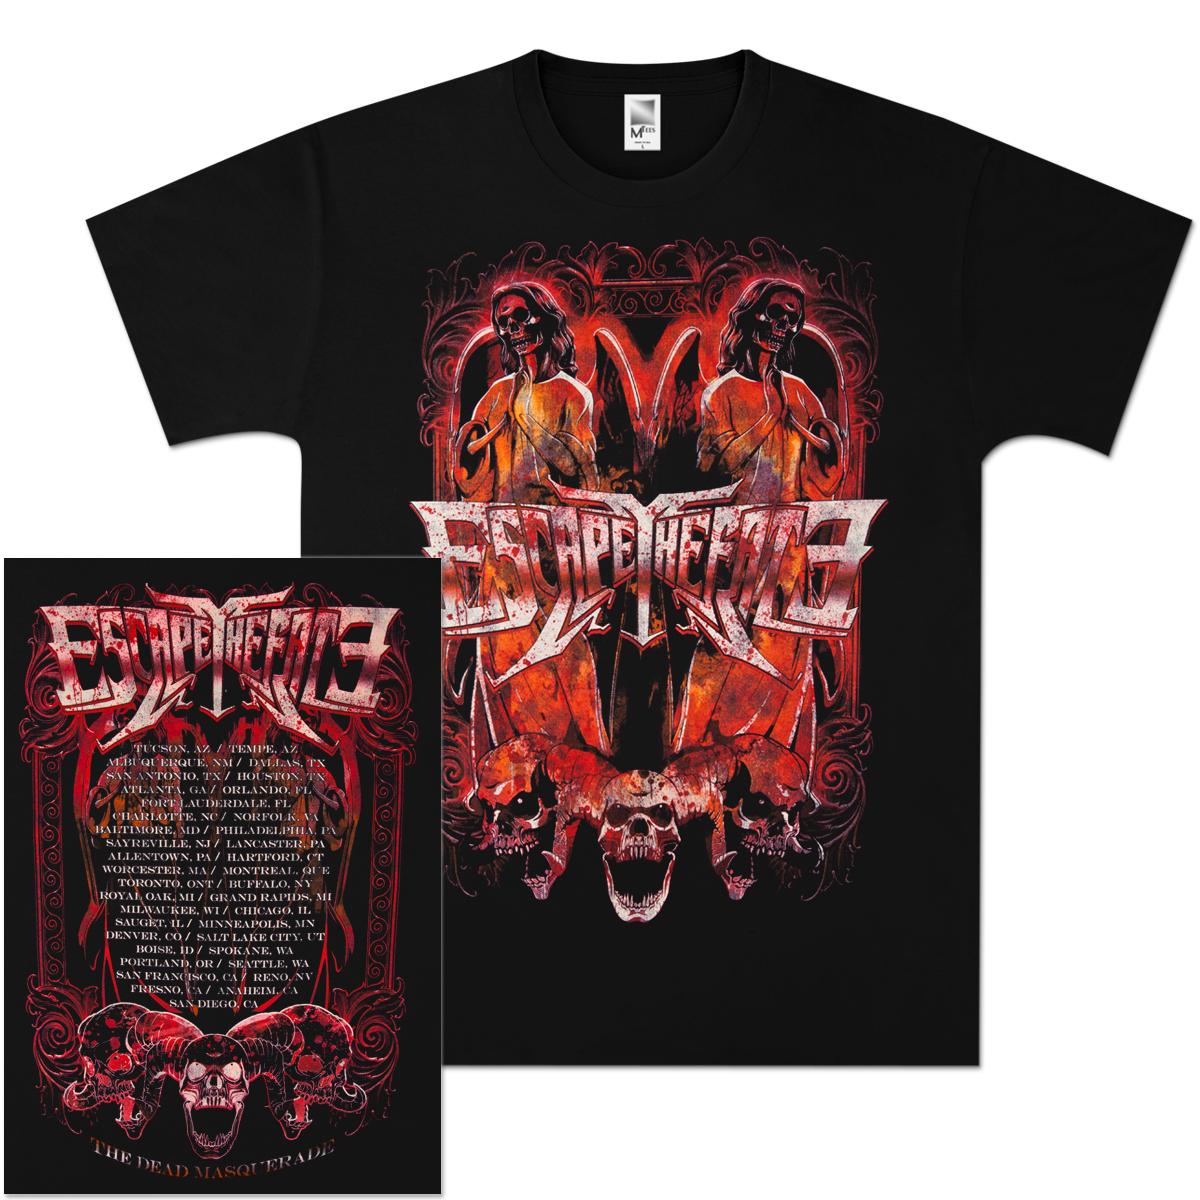 Escape The Fate Heaven's Door 2011 Tour T-Shirt